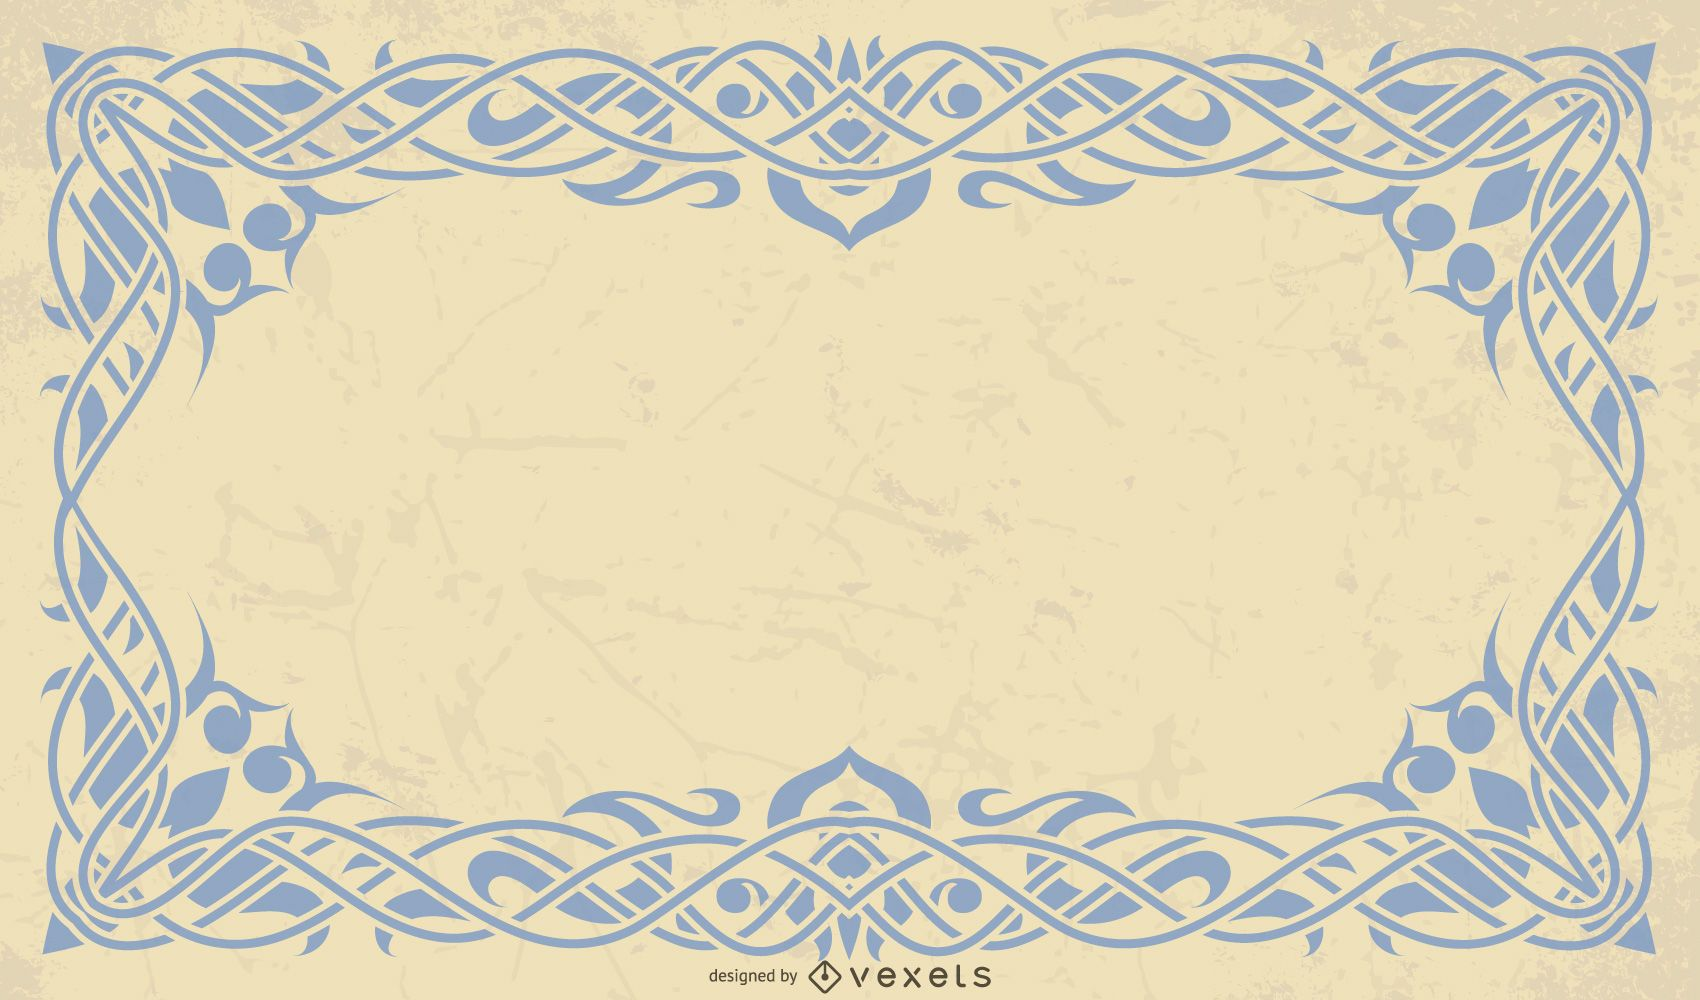 Diseño de fondo de marco retro vintage clásico